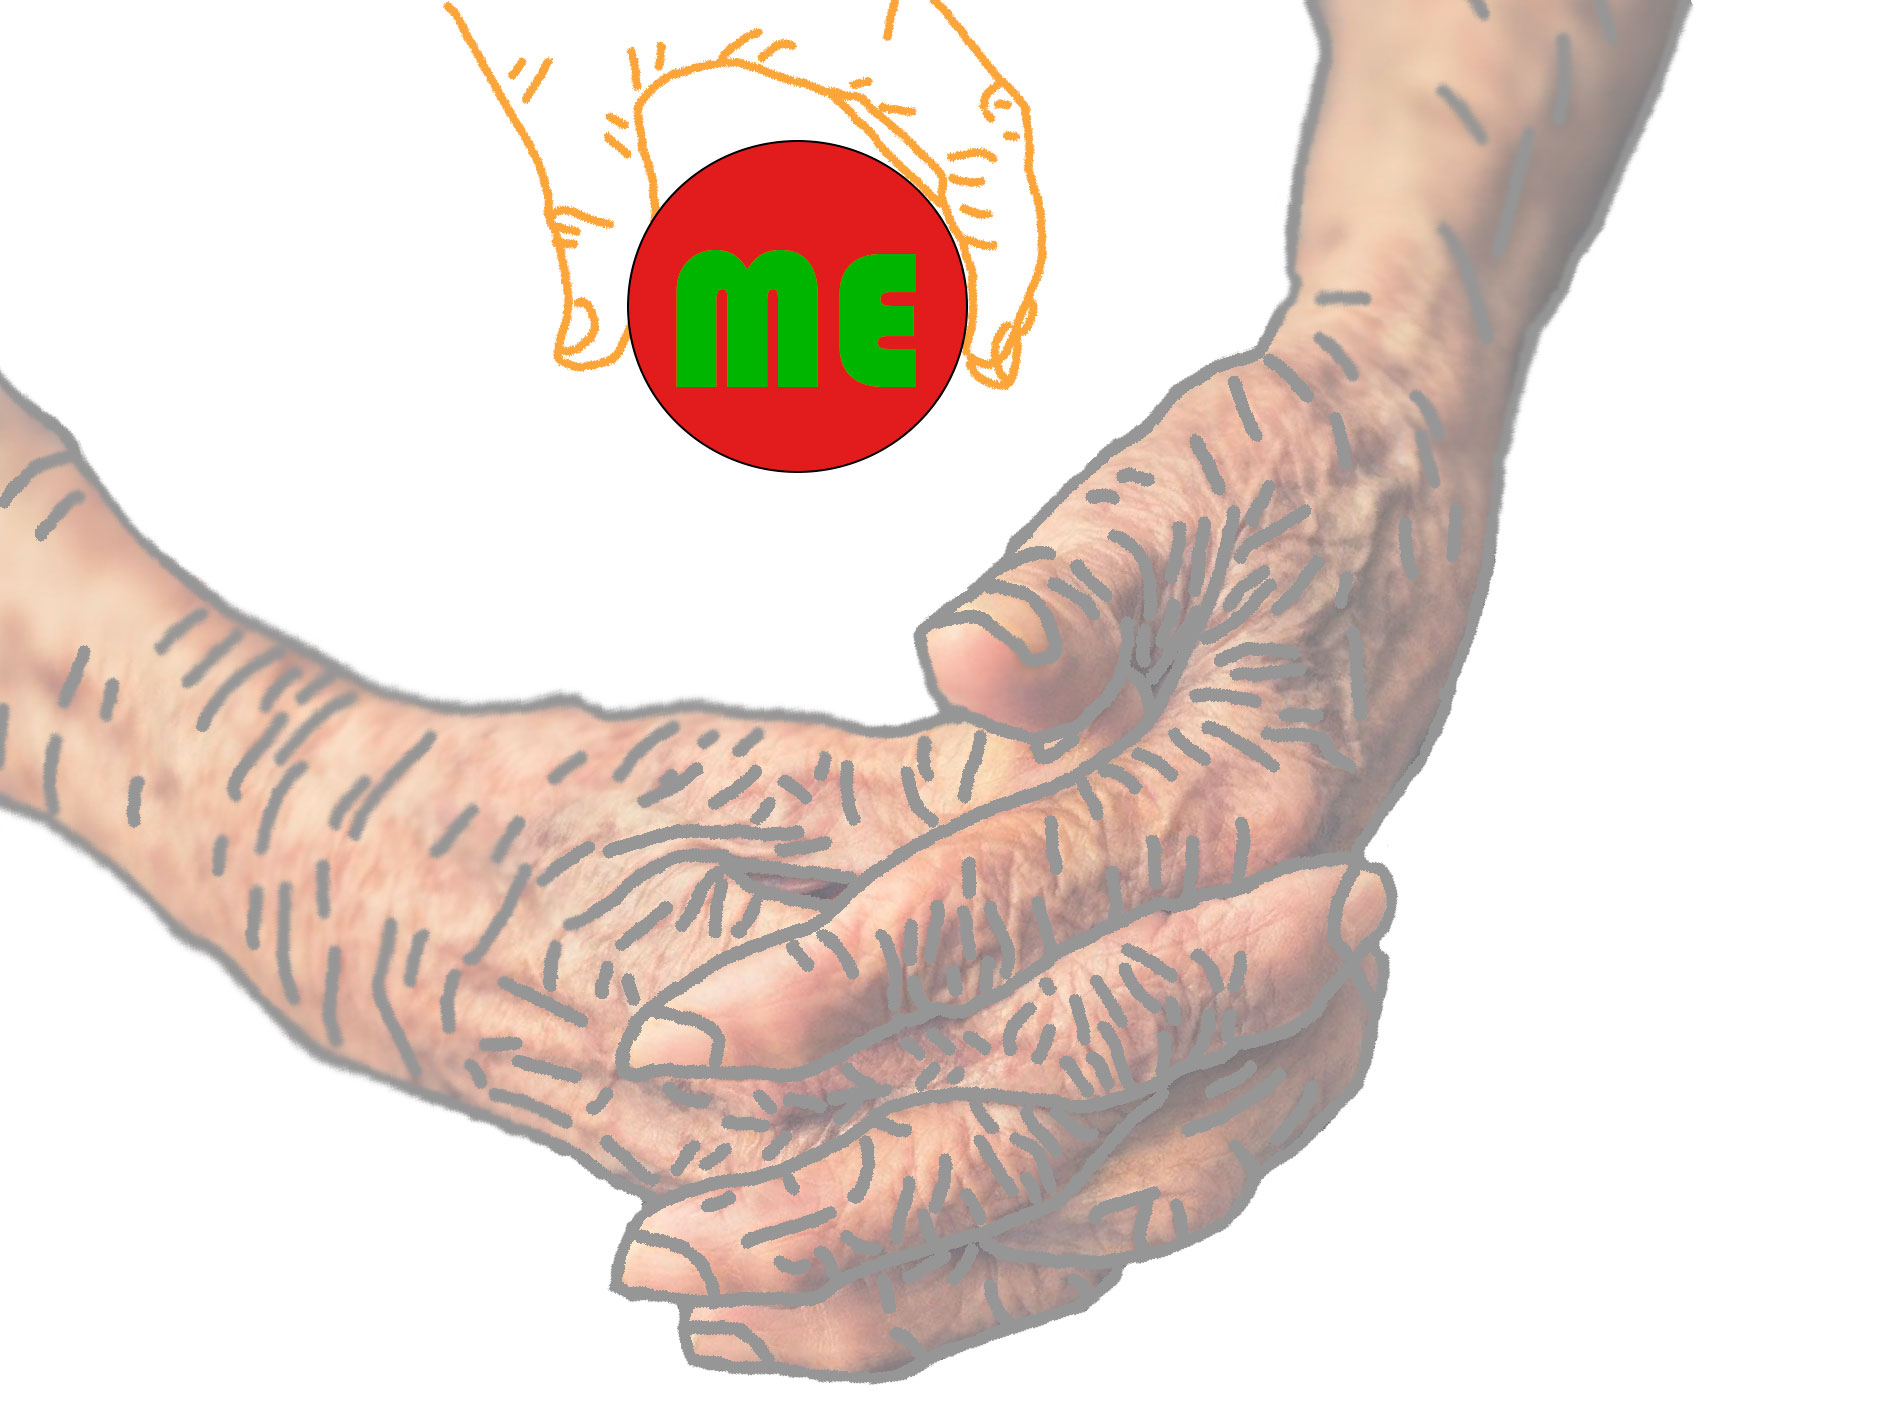 Kädet jotka kannattelevat